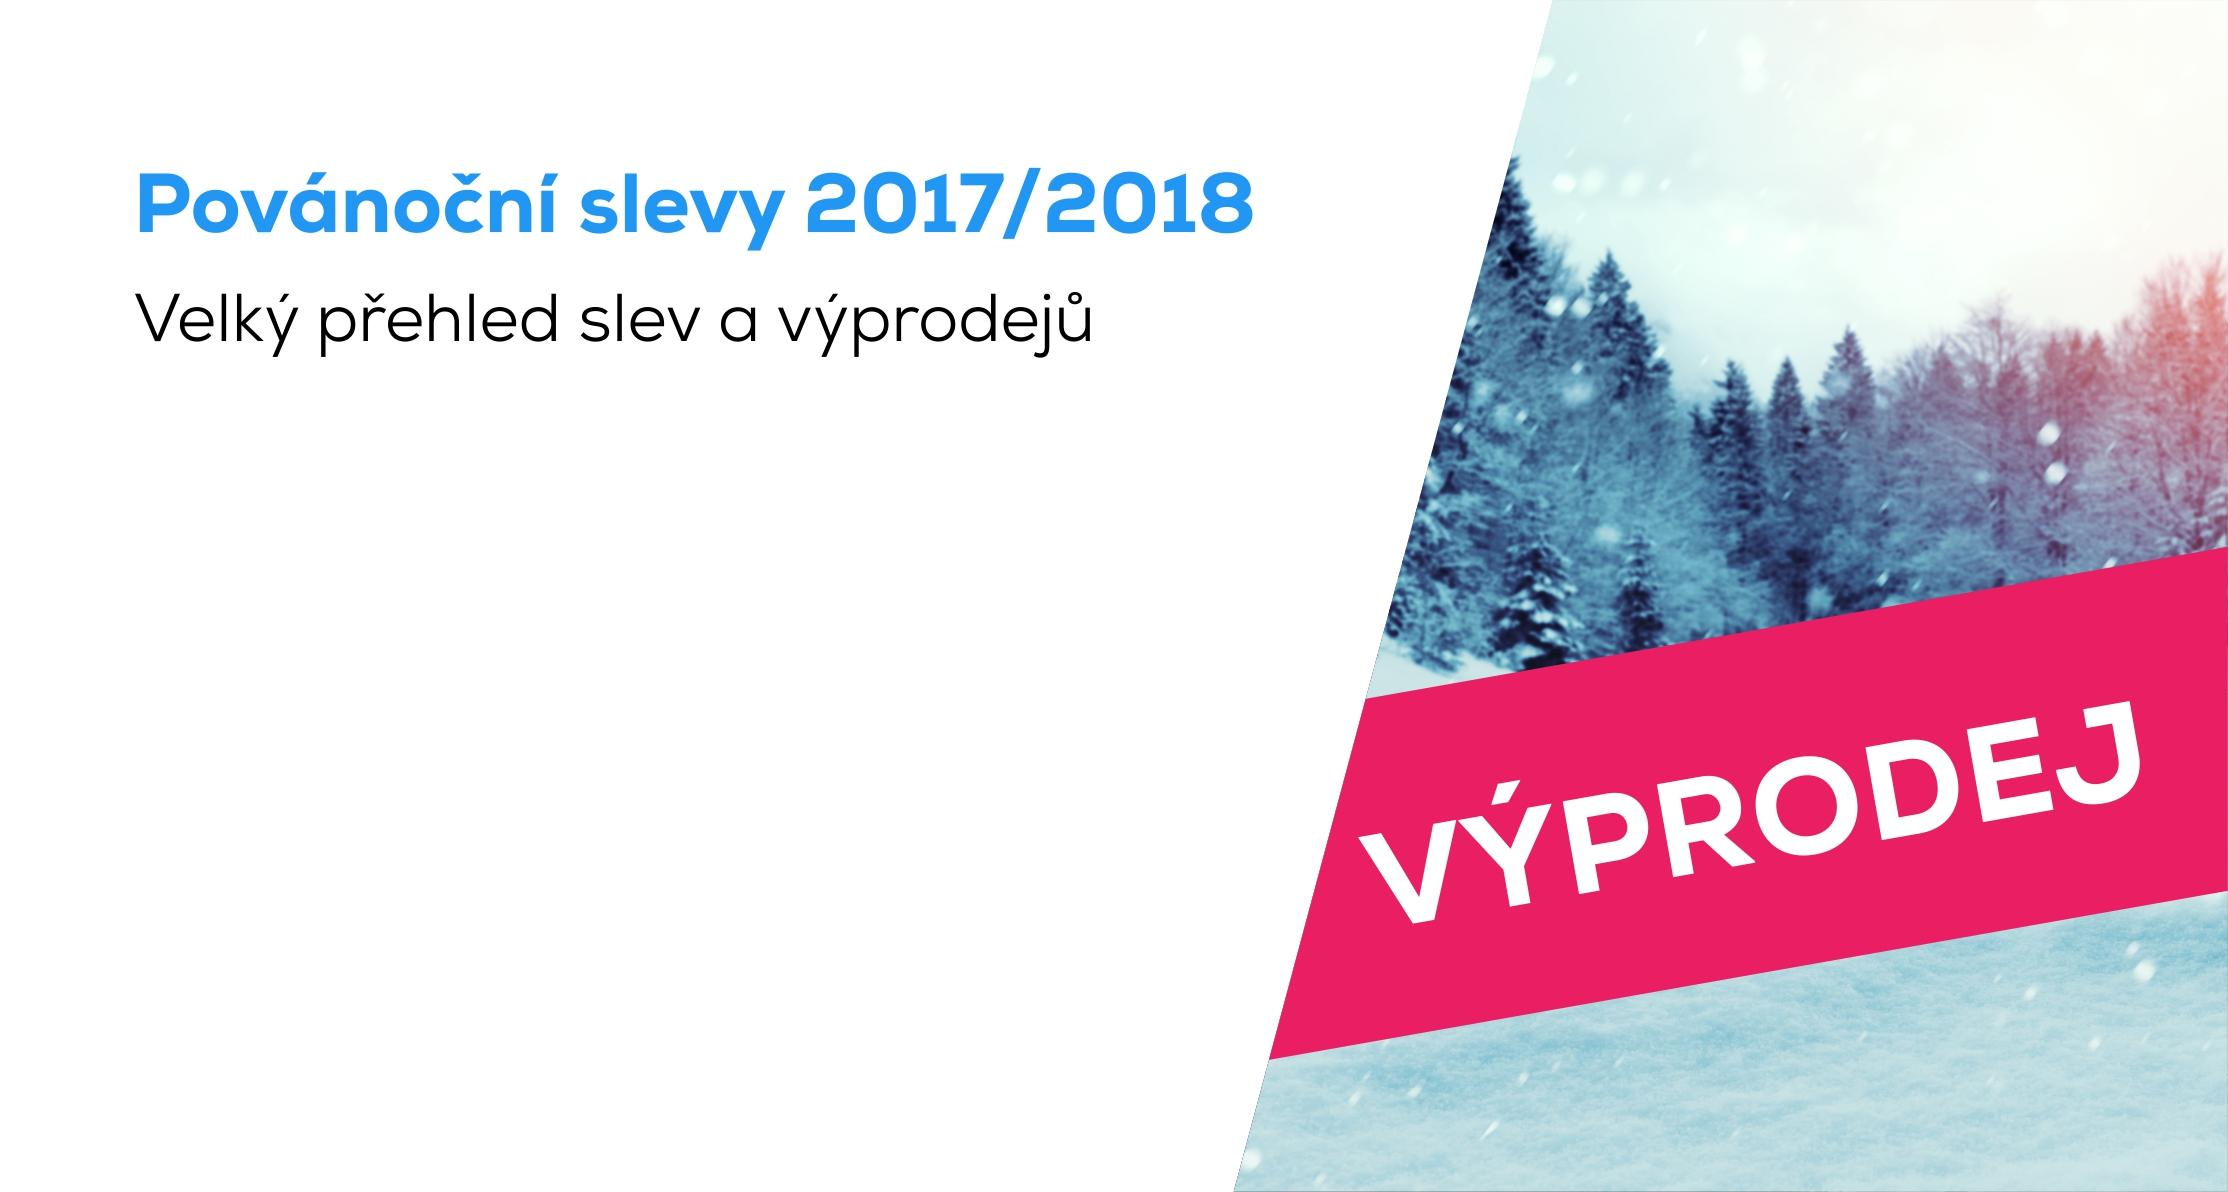 VELKÝ PŘEHLED  Povánoční slevy a novoroční výprodeje 2017 2018 (průběžně  aktualizujeme) 3ad44c09bb